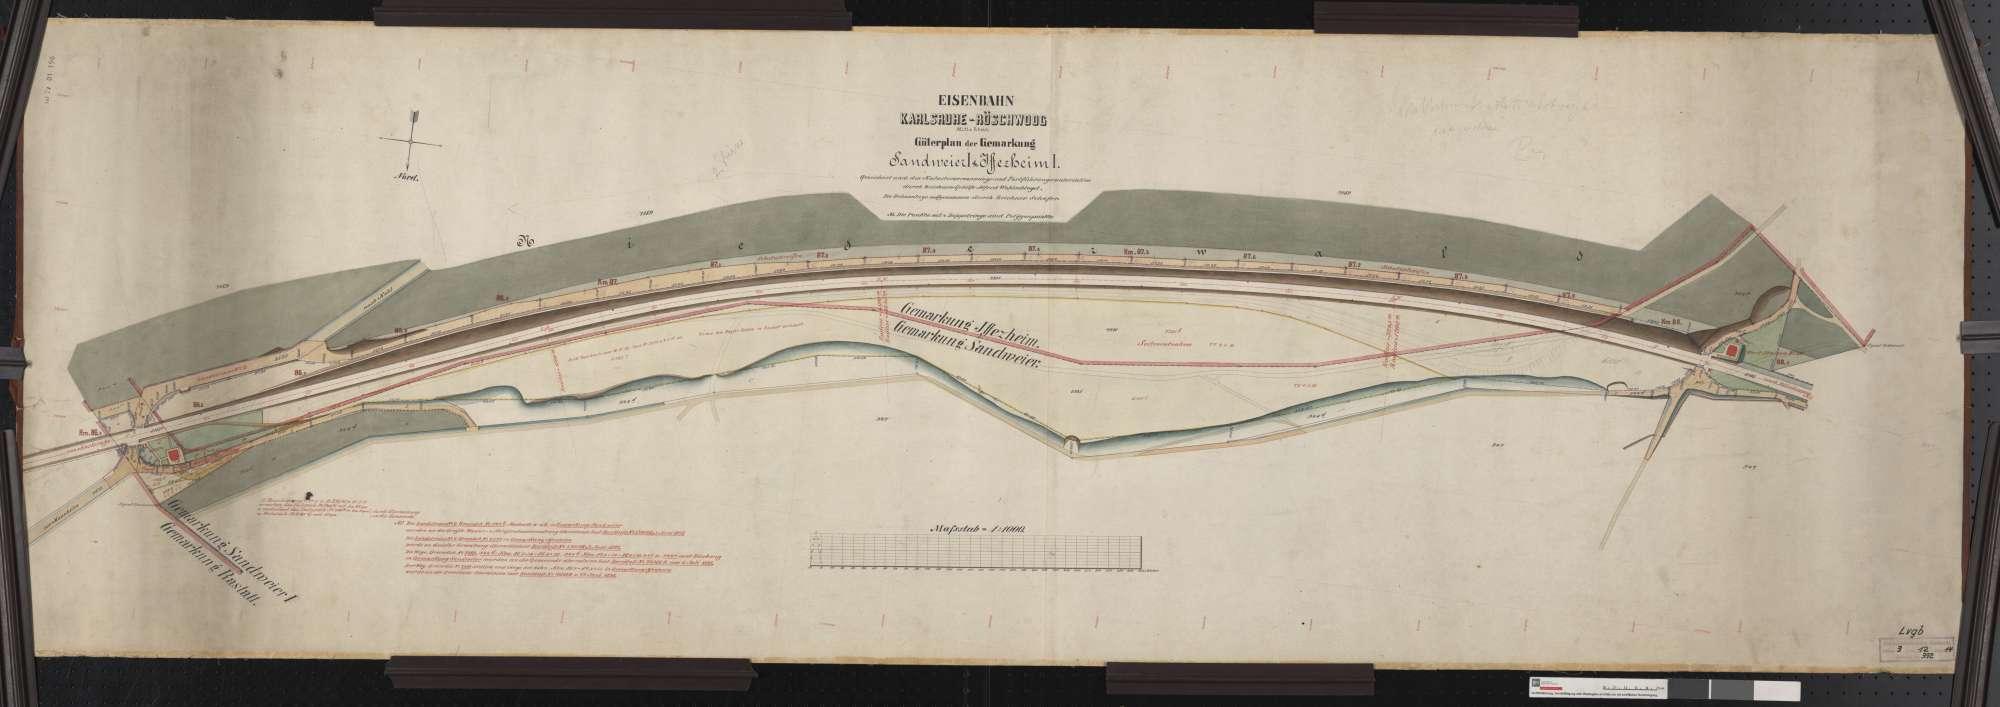 Güterplan der Bahn von Karlsruhe bis Röschwoog (Mitte Rhein): Gemarkungen Sandweier und Iffezheim Streckenausschnitt: 86,5 bis 88,1 km, Bild 1